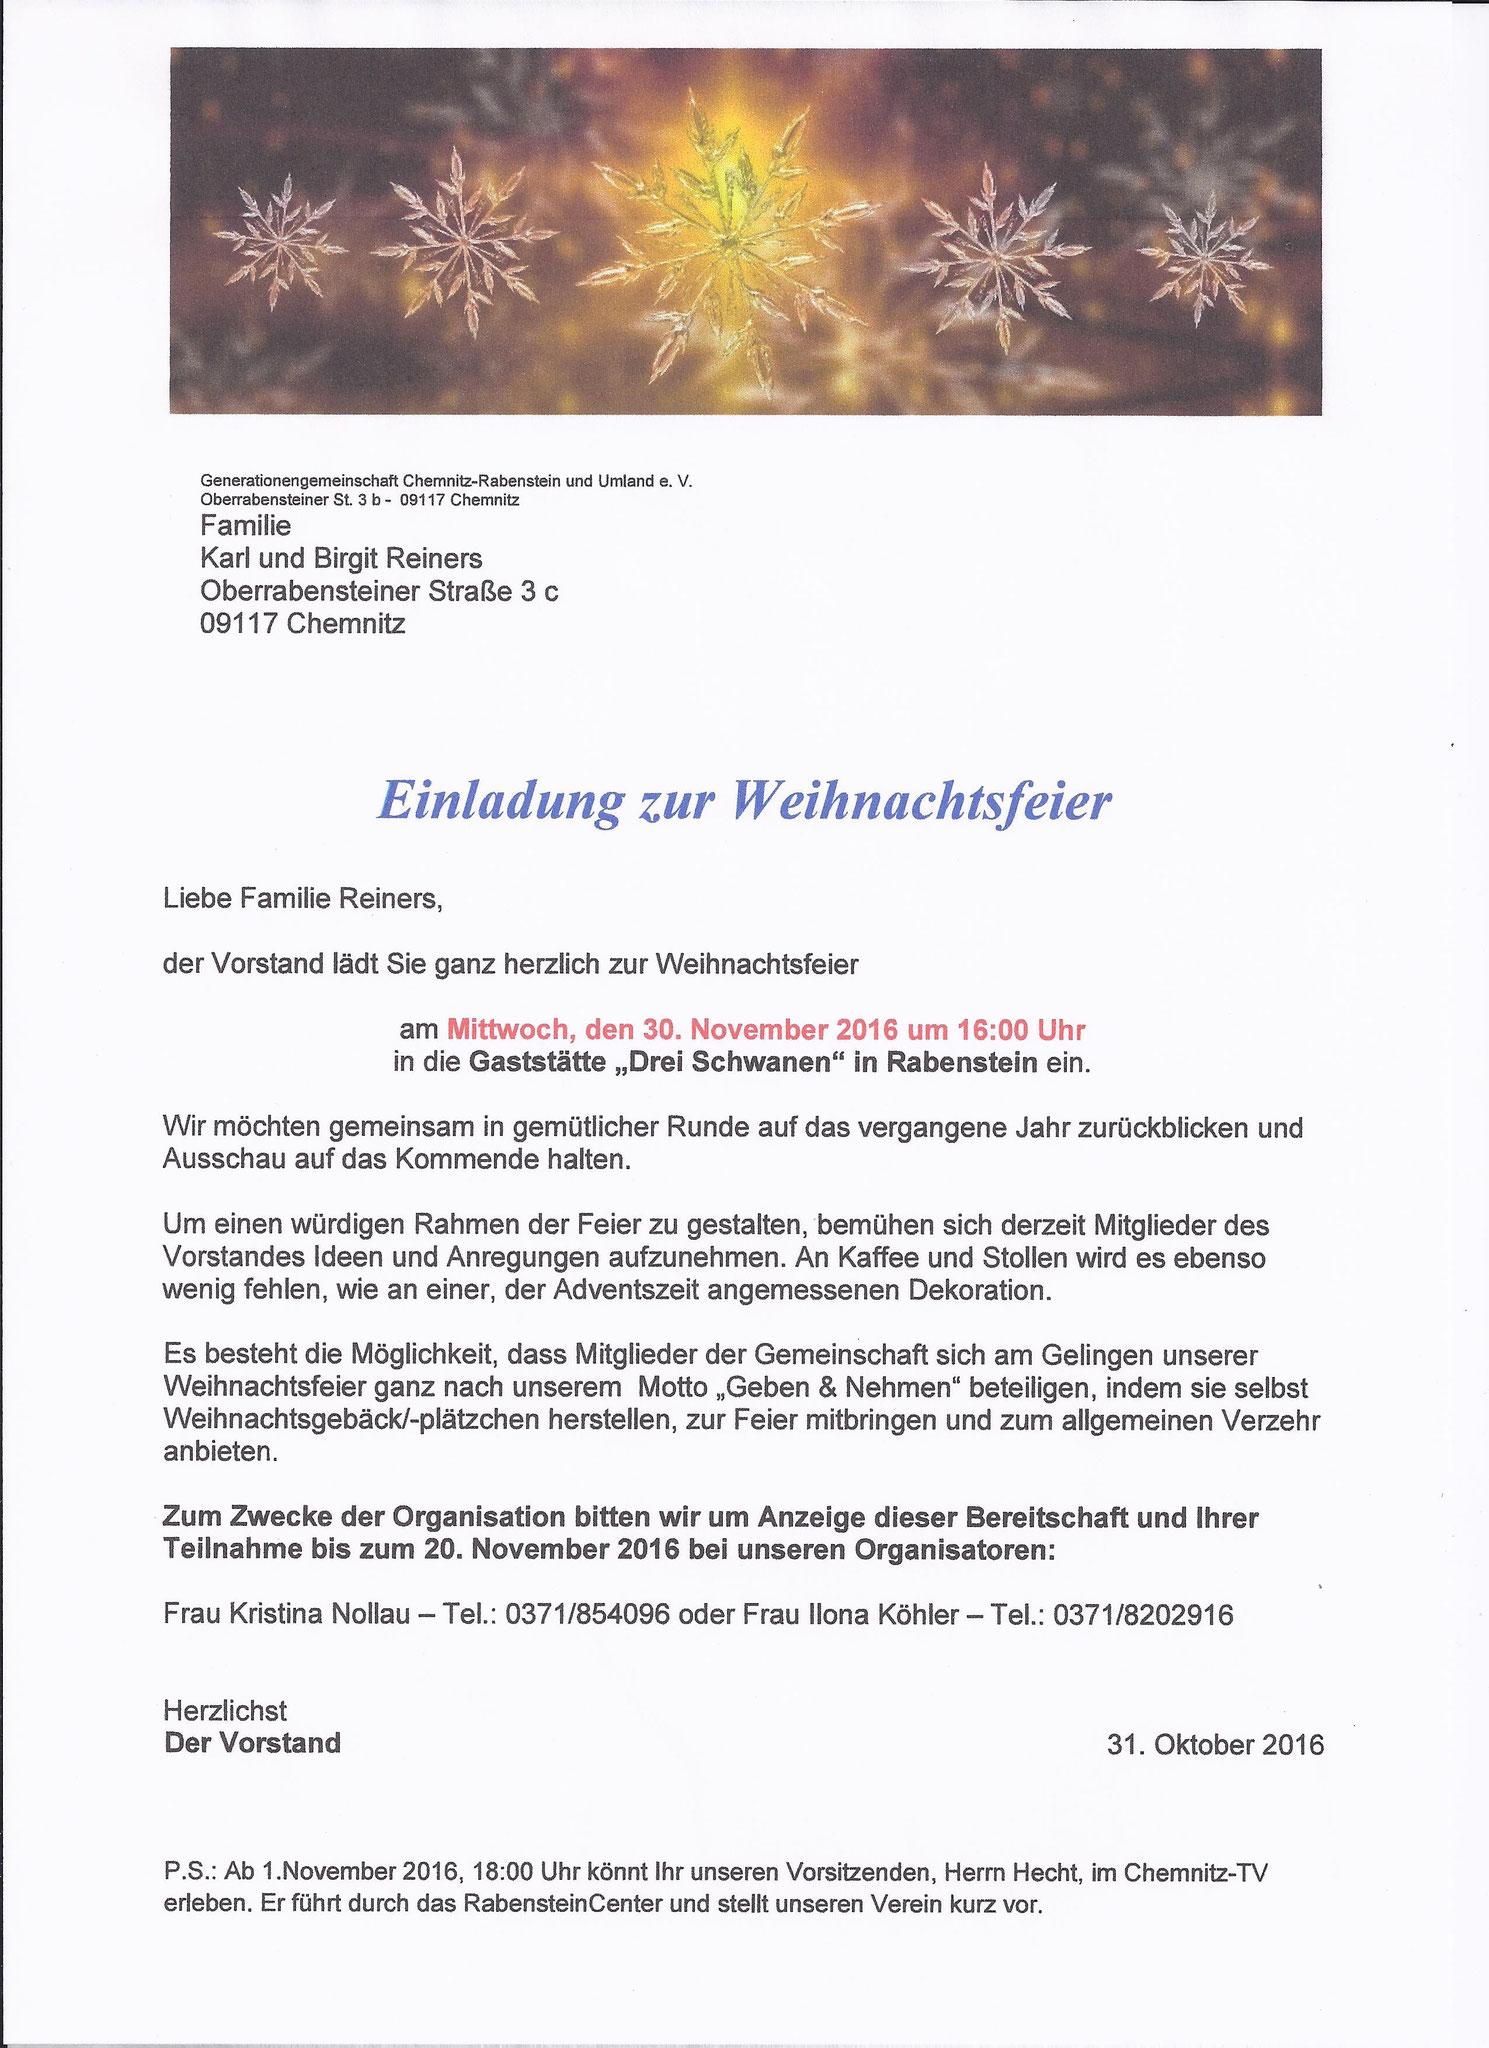 30.11.2016 weihnachtsfeier - generationengemeinschaft-chemnitz, Einladung